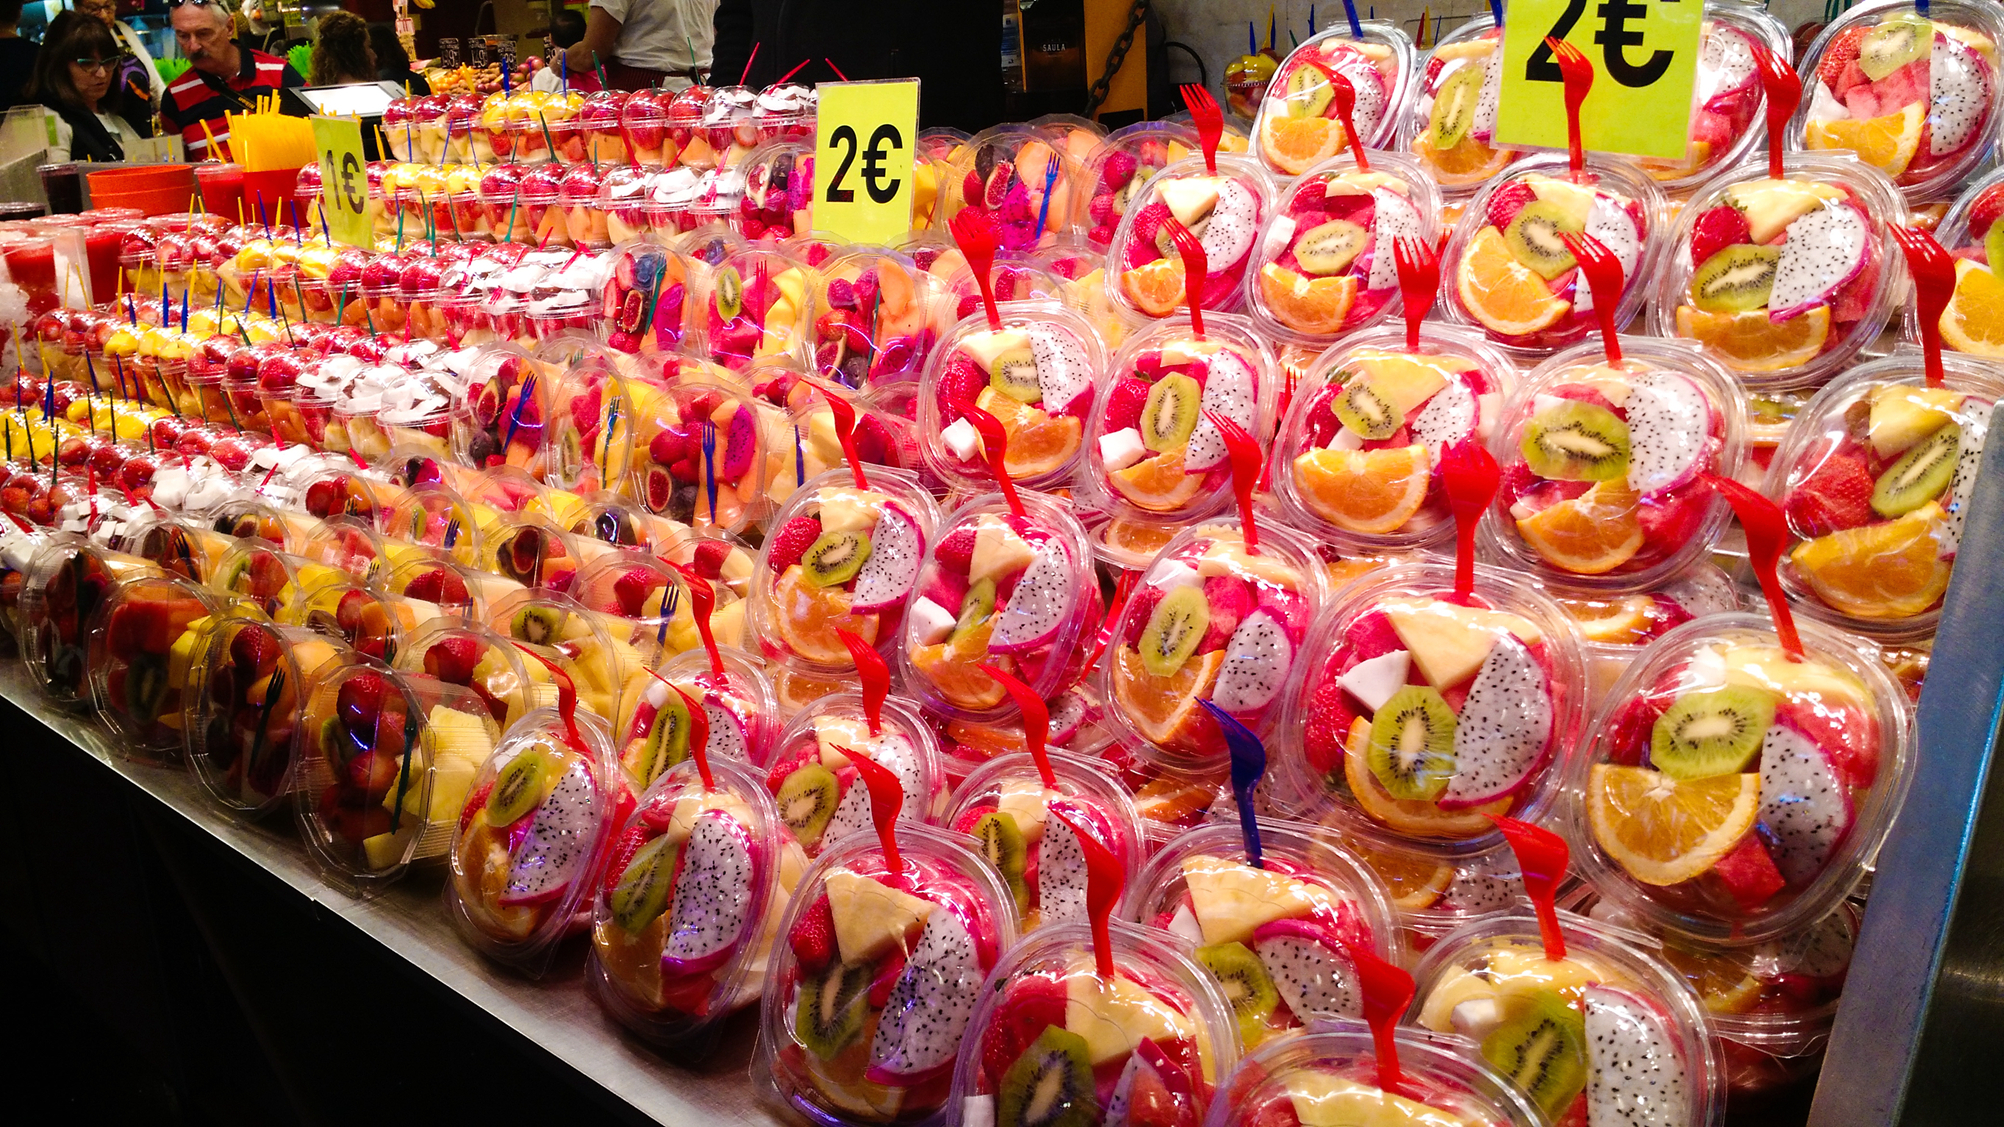 1元一杯,水果切块论盒卖,这家市场是吃货的天堂